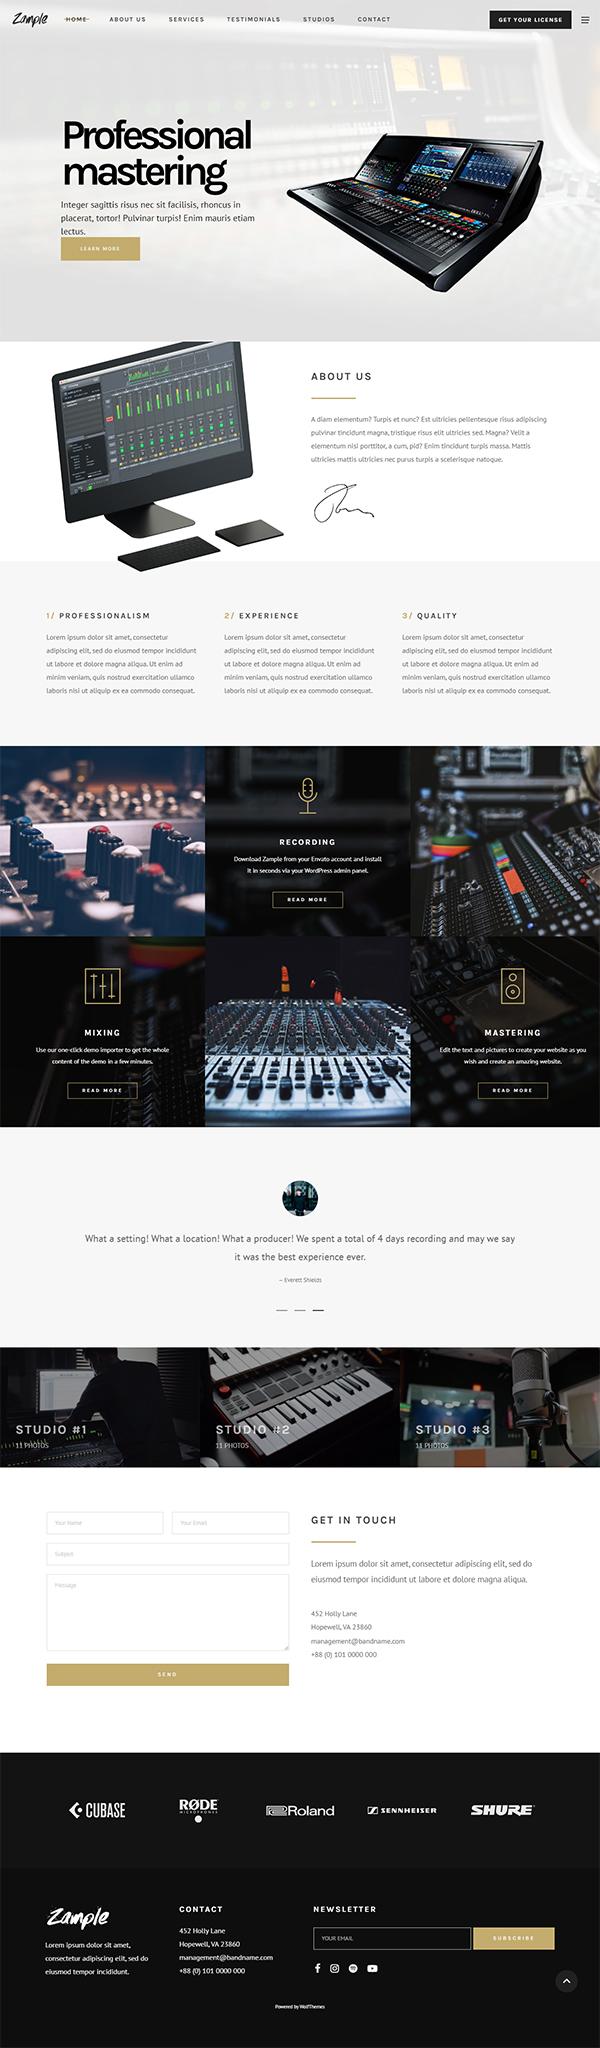 Zample - A Fresh One-Page Music WordPress Theme